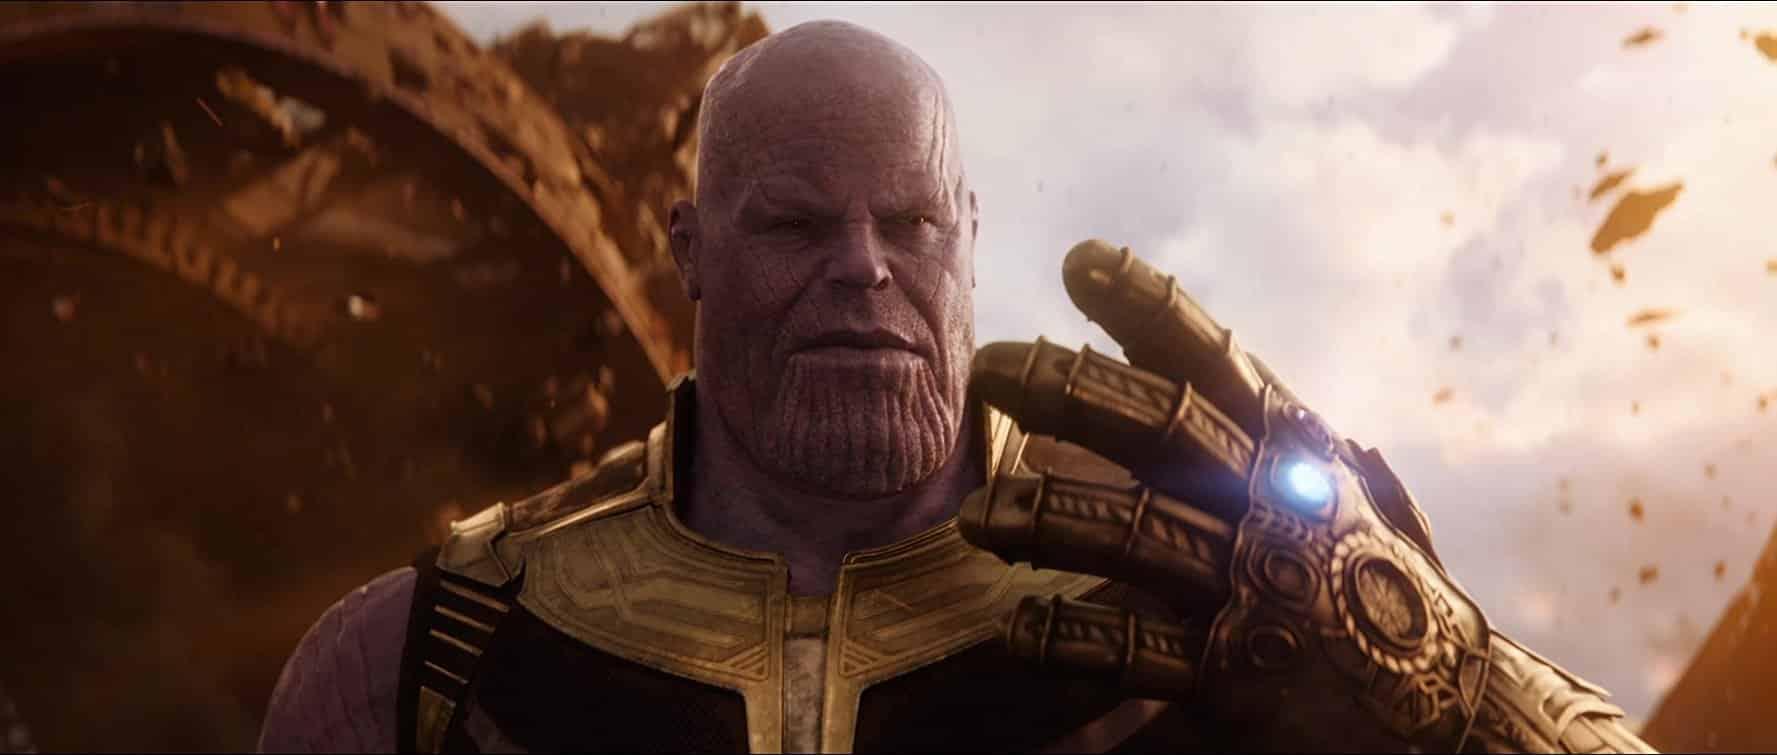 Avengers: Infinity War destroza taquilla y récords con su estreno mundial